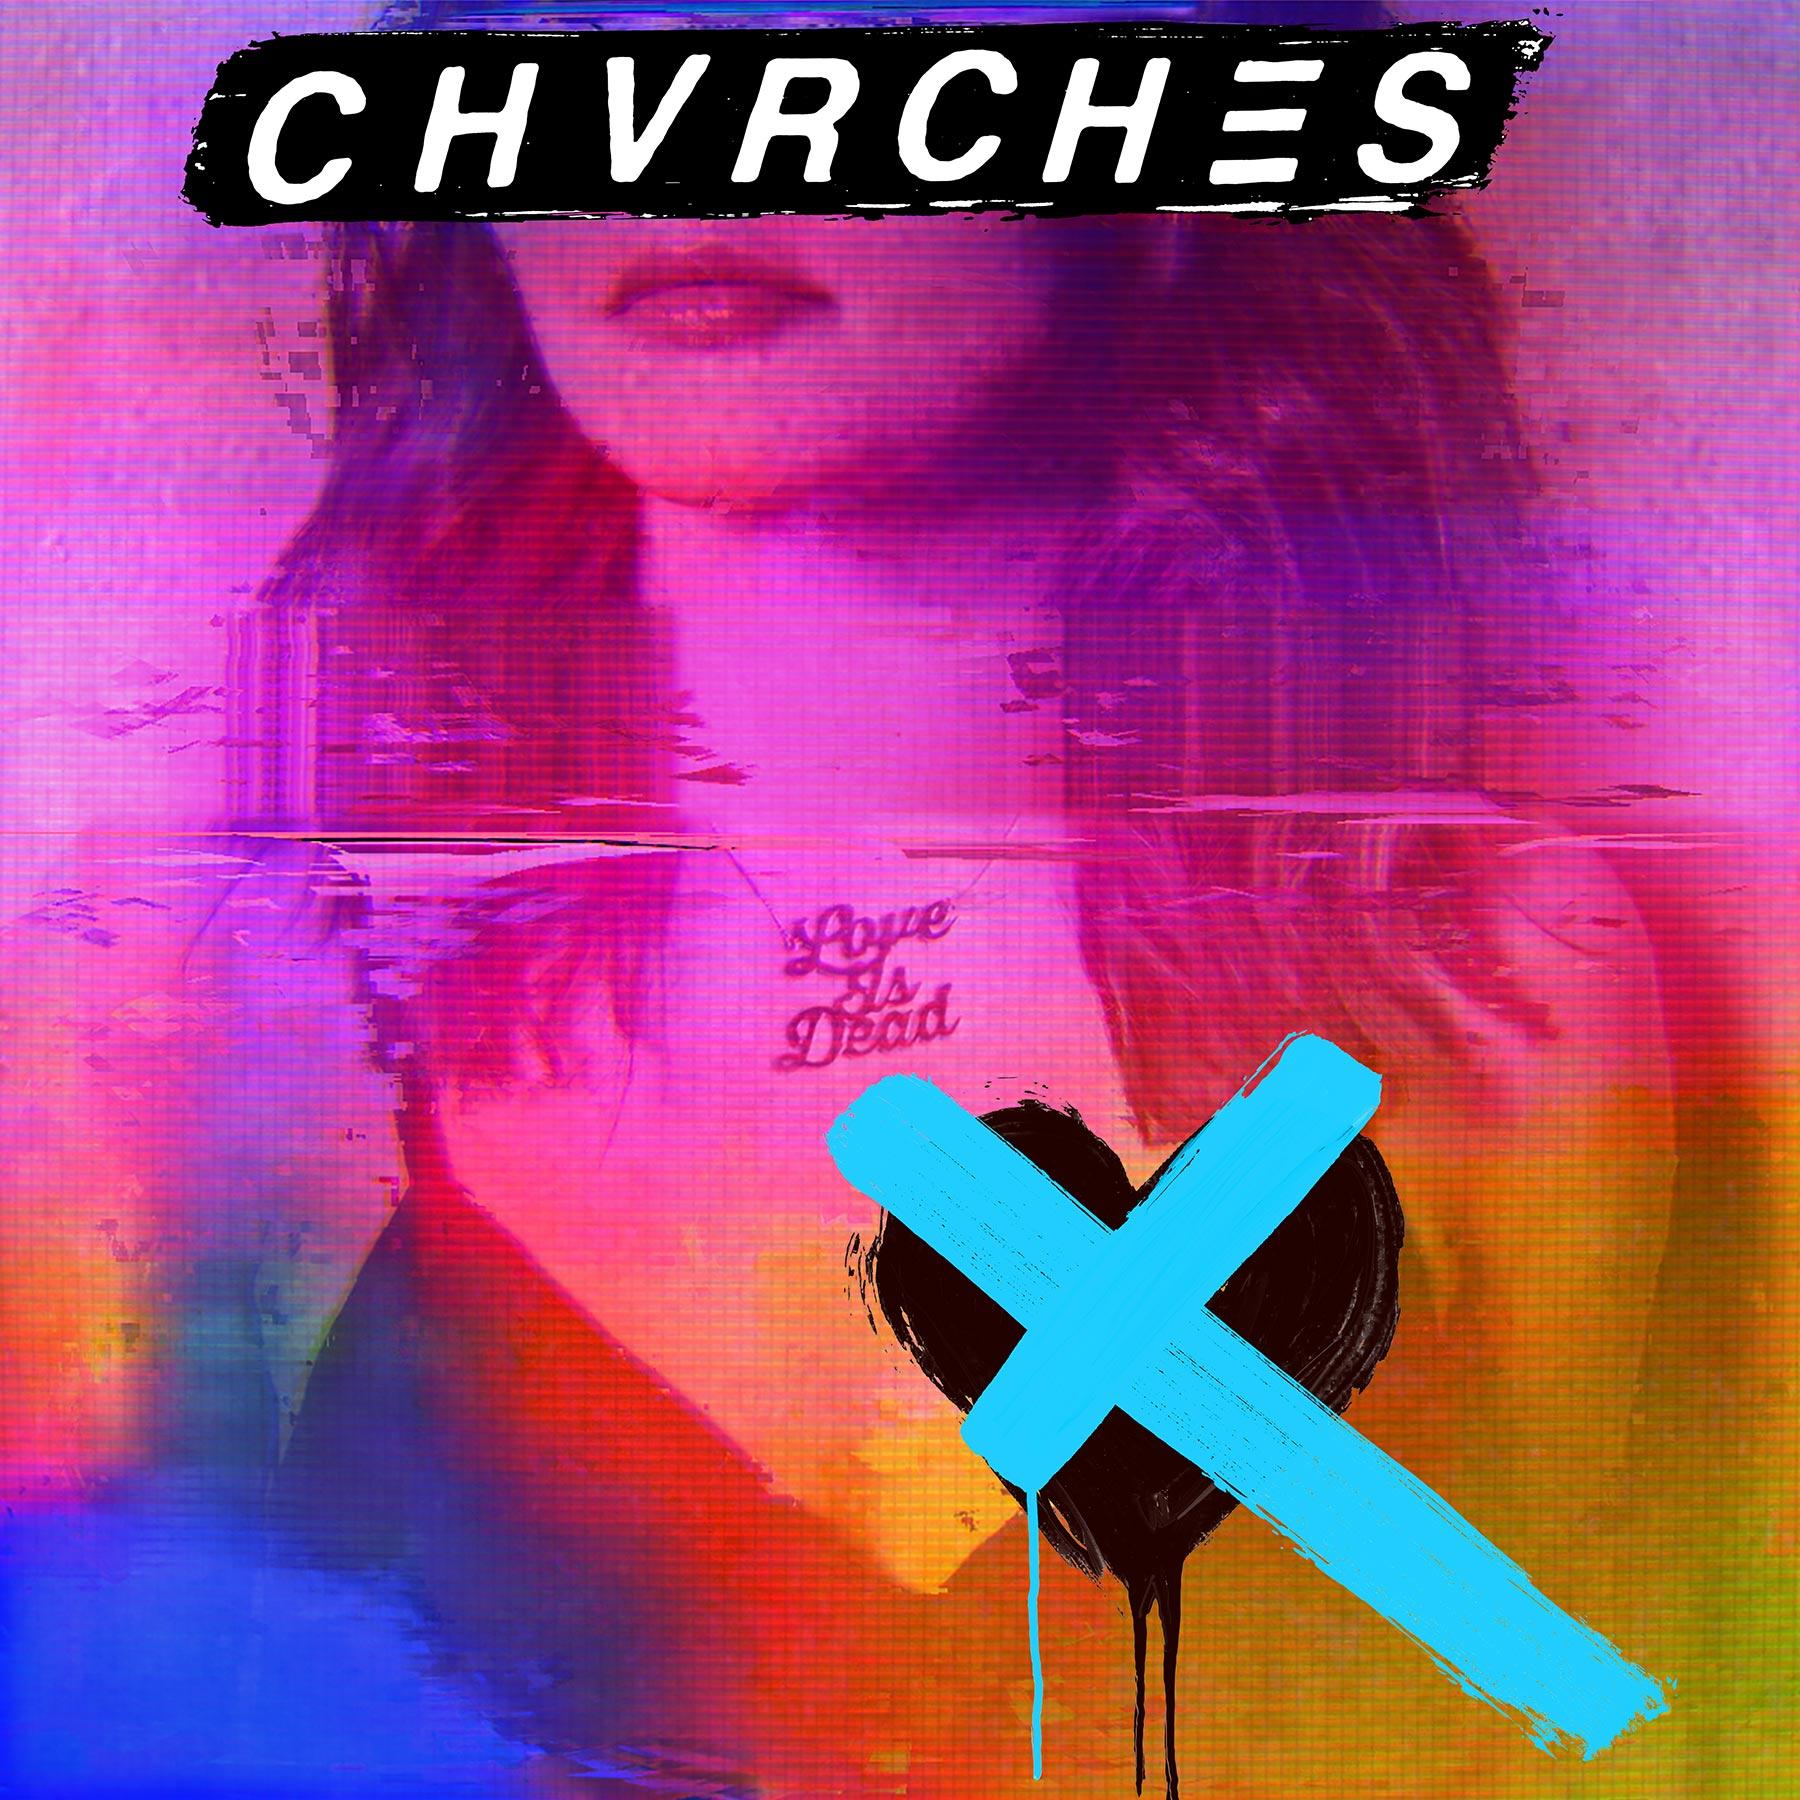 CHVRCHES_ALBUM_COVER_1.10.18